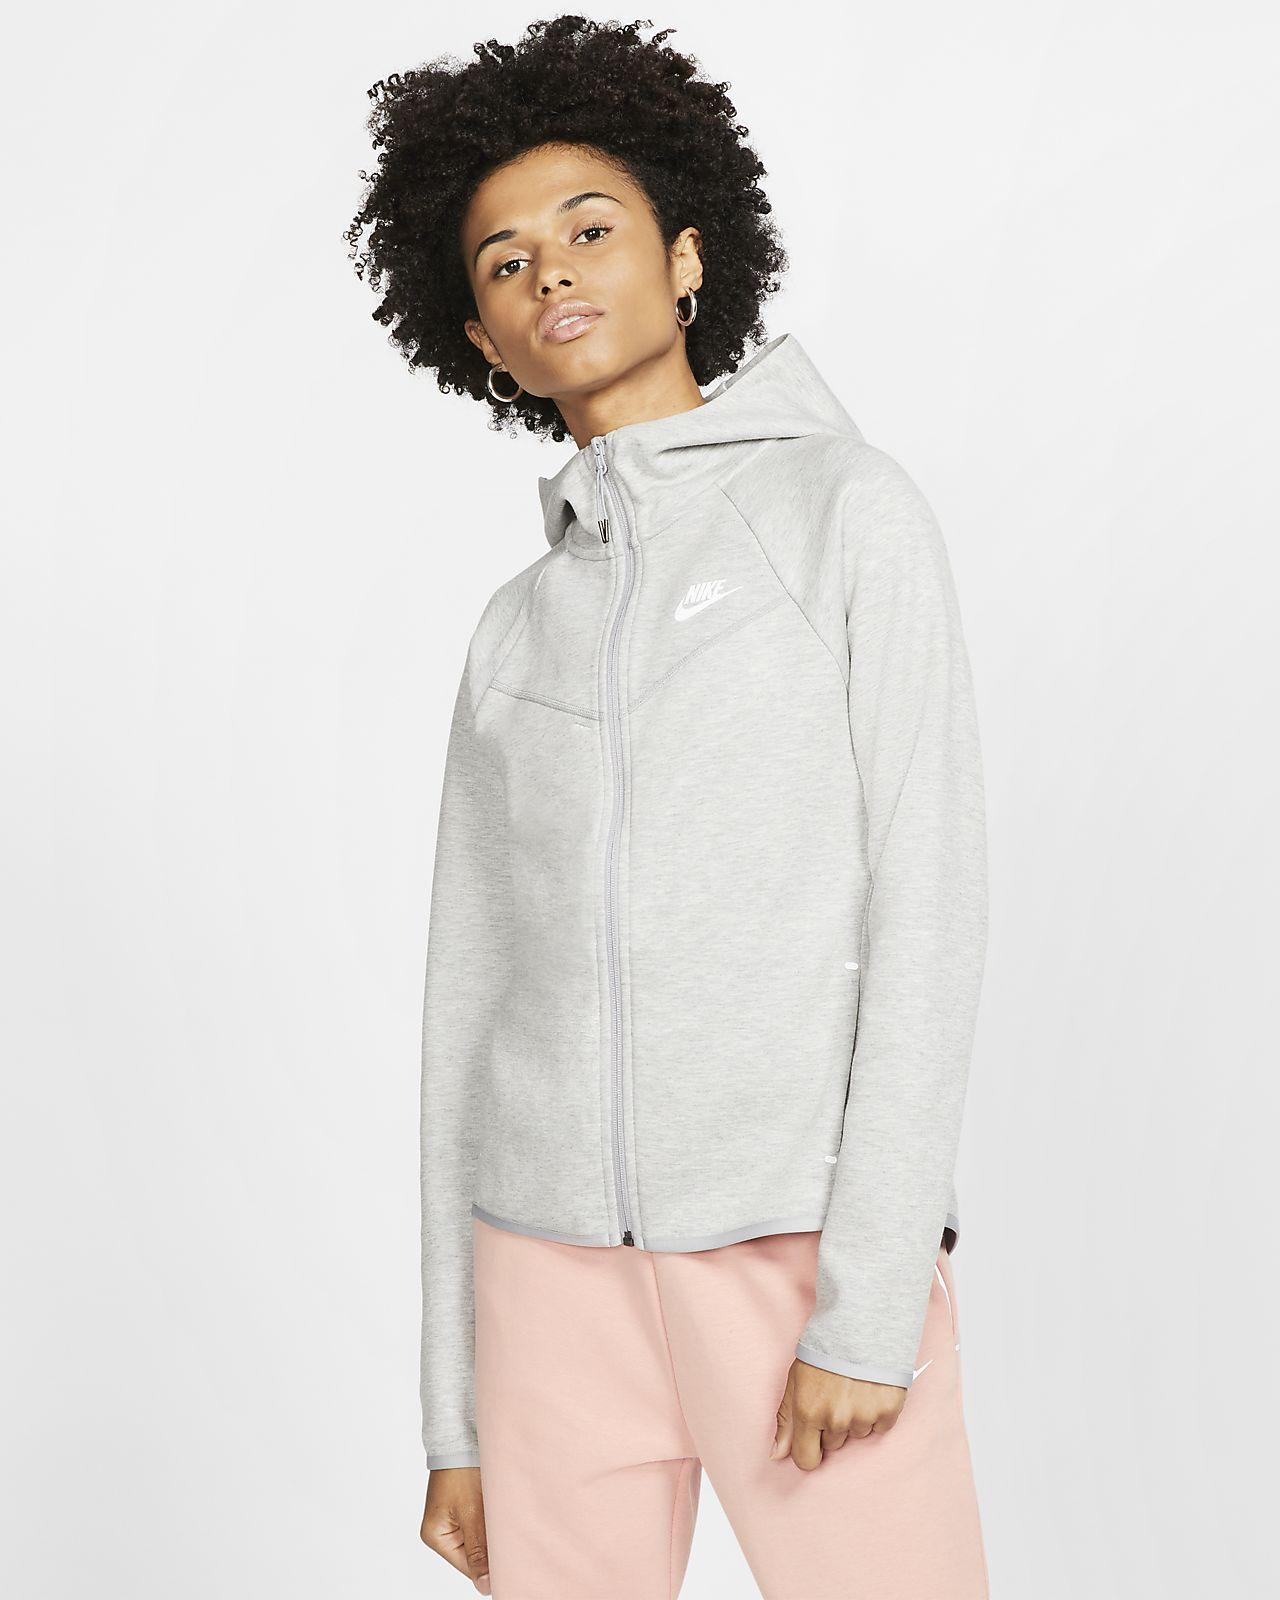 Nike Sportswear Windrunner Tech Fleece Women's Full-Zip Hoodie